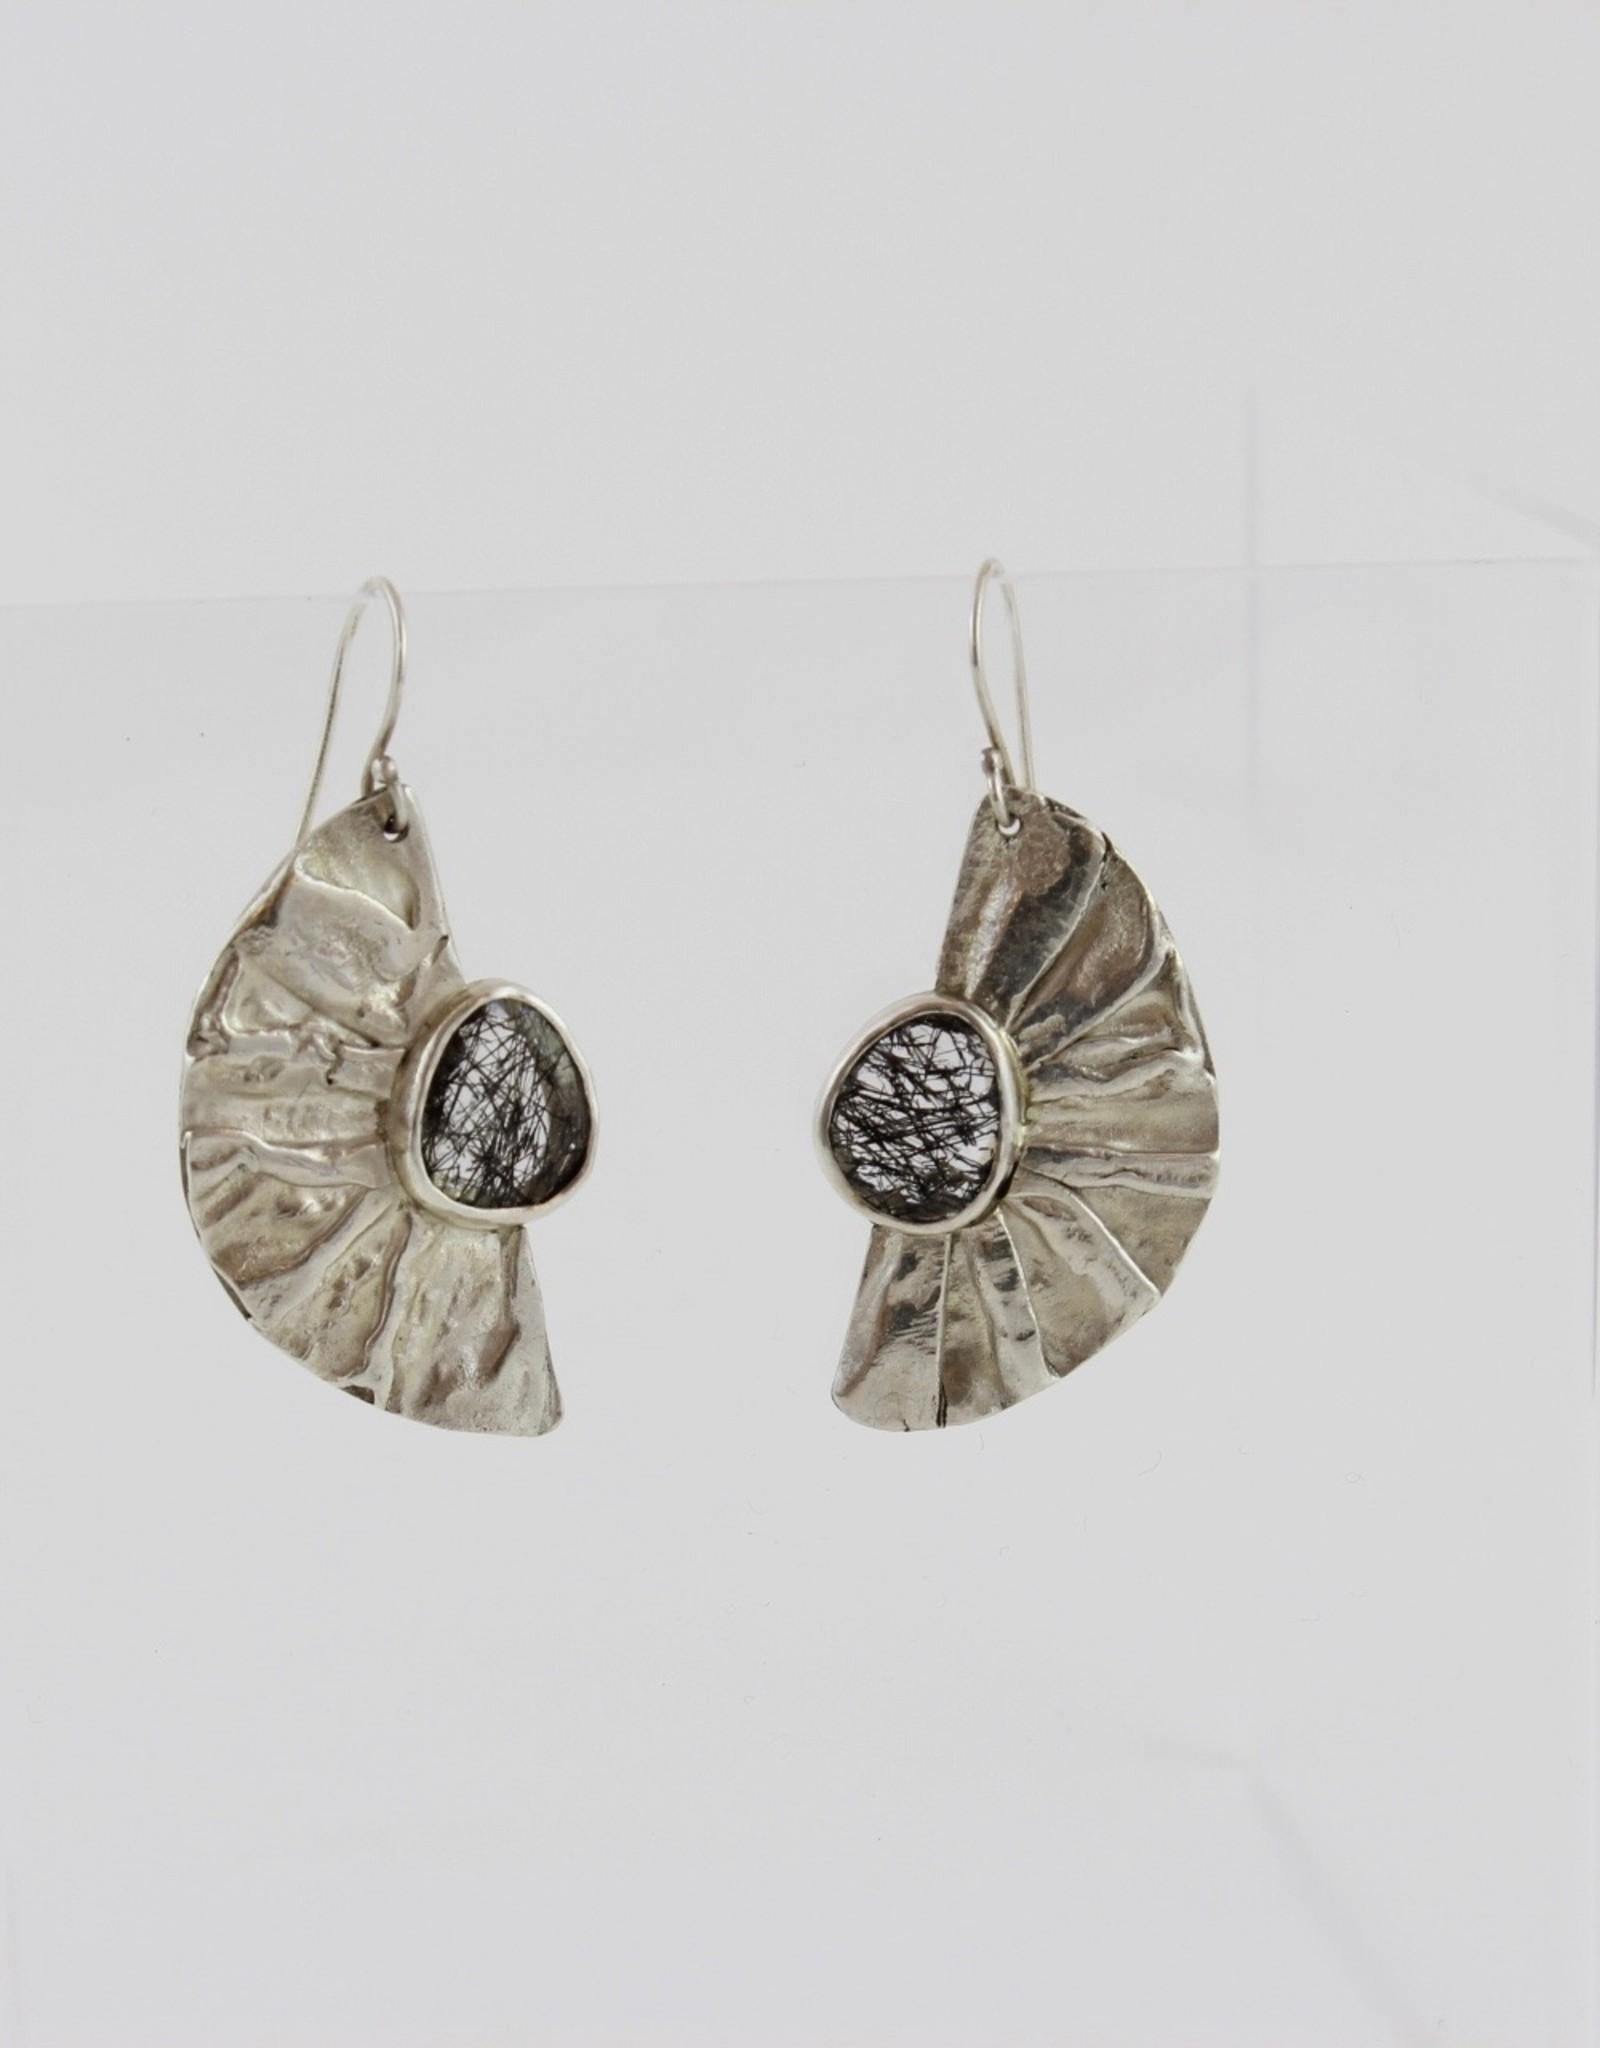 Karen Wawer Half Moon Earrings by Karen Wawer